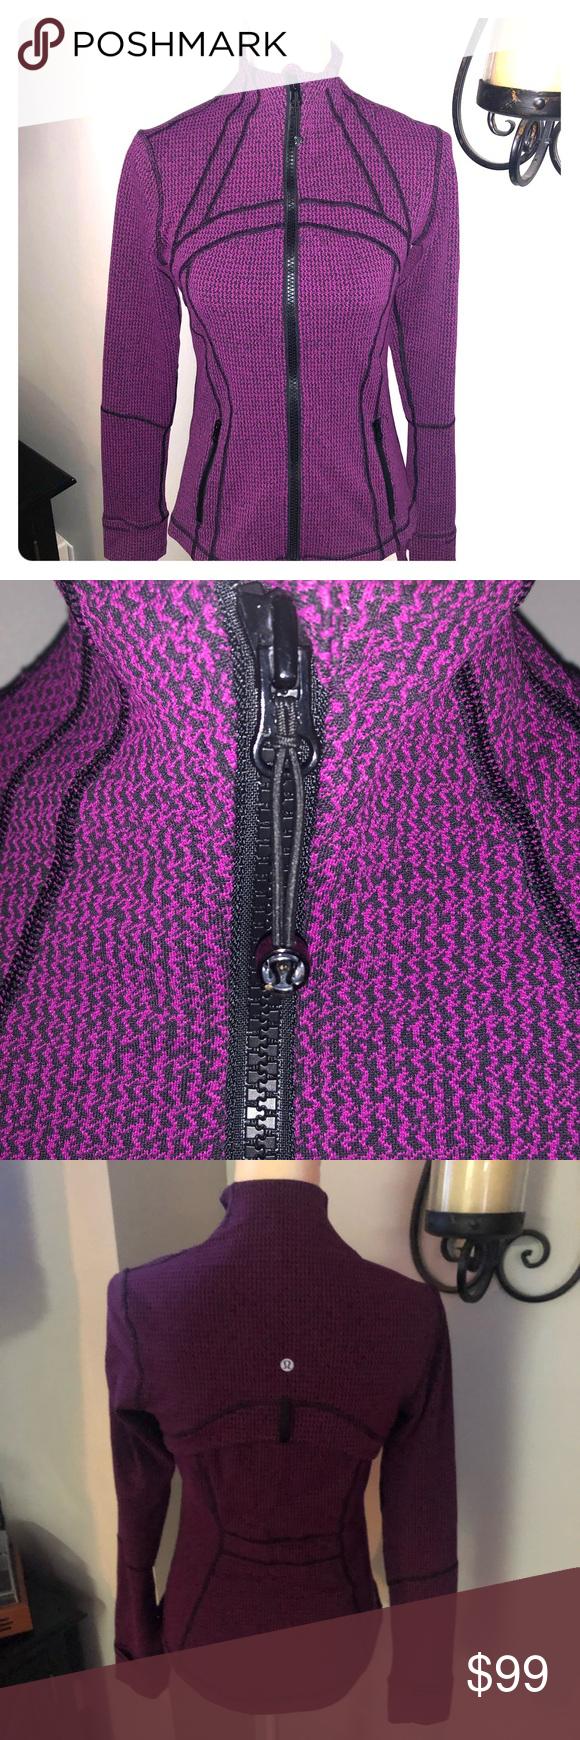 Lululemon Define Jacket Teeny Tooth Deep Fuchsia Rare Pattern